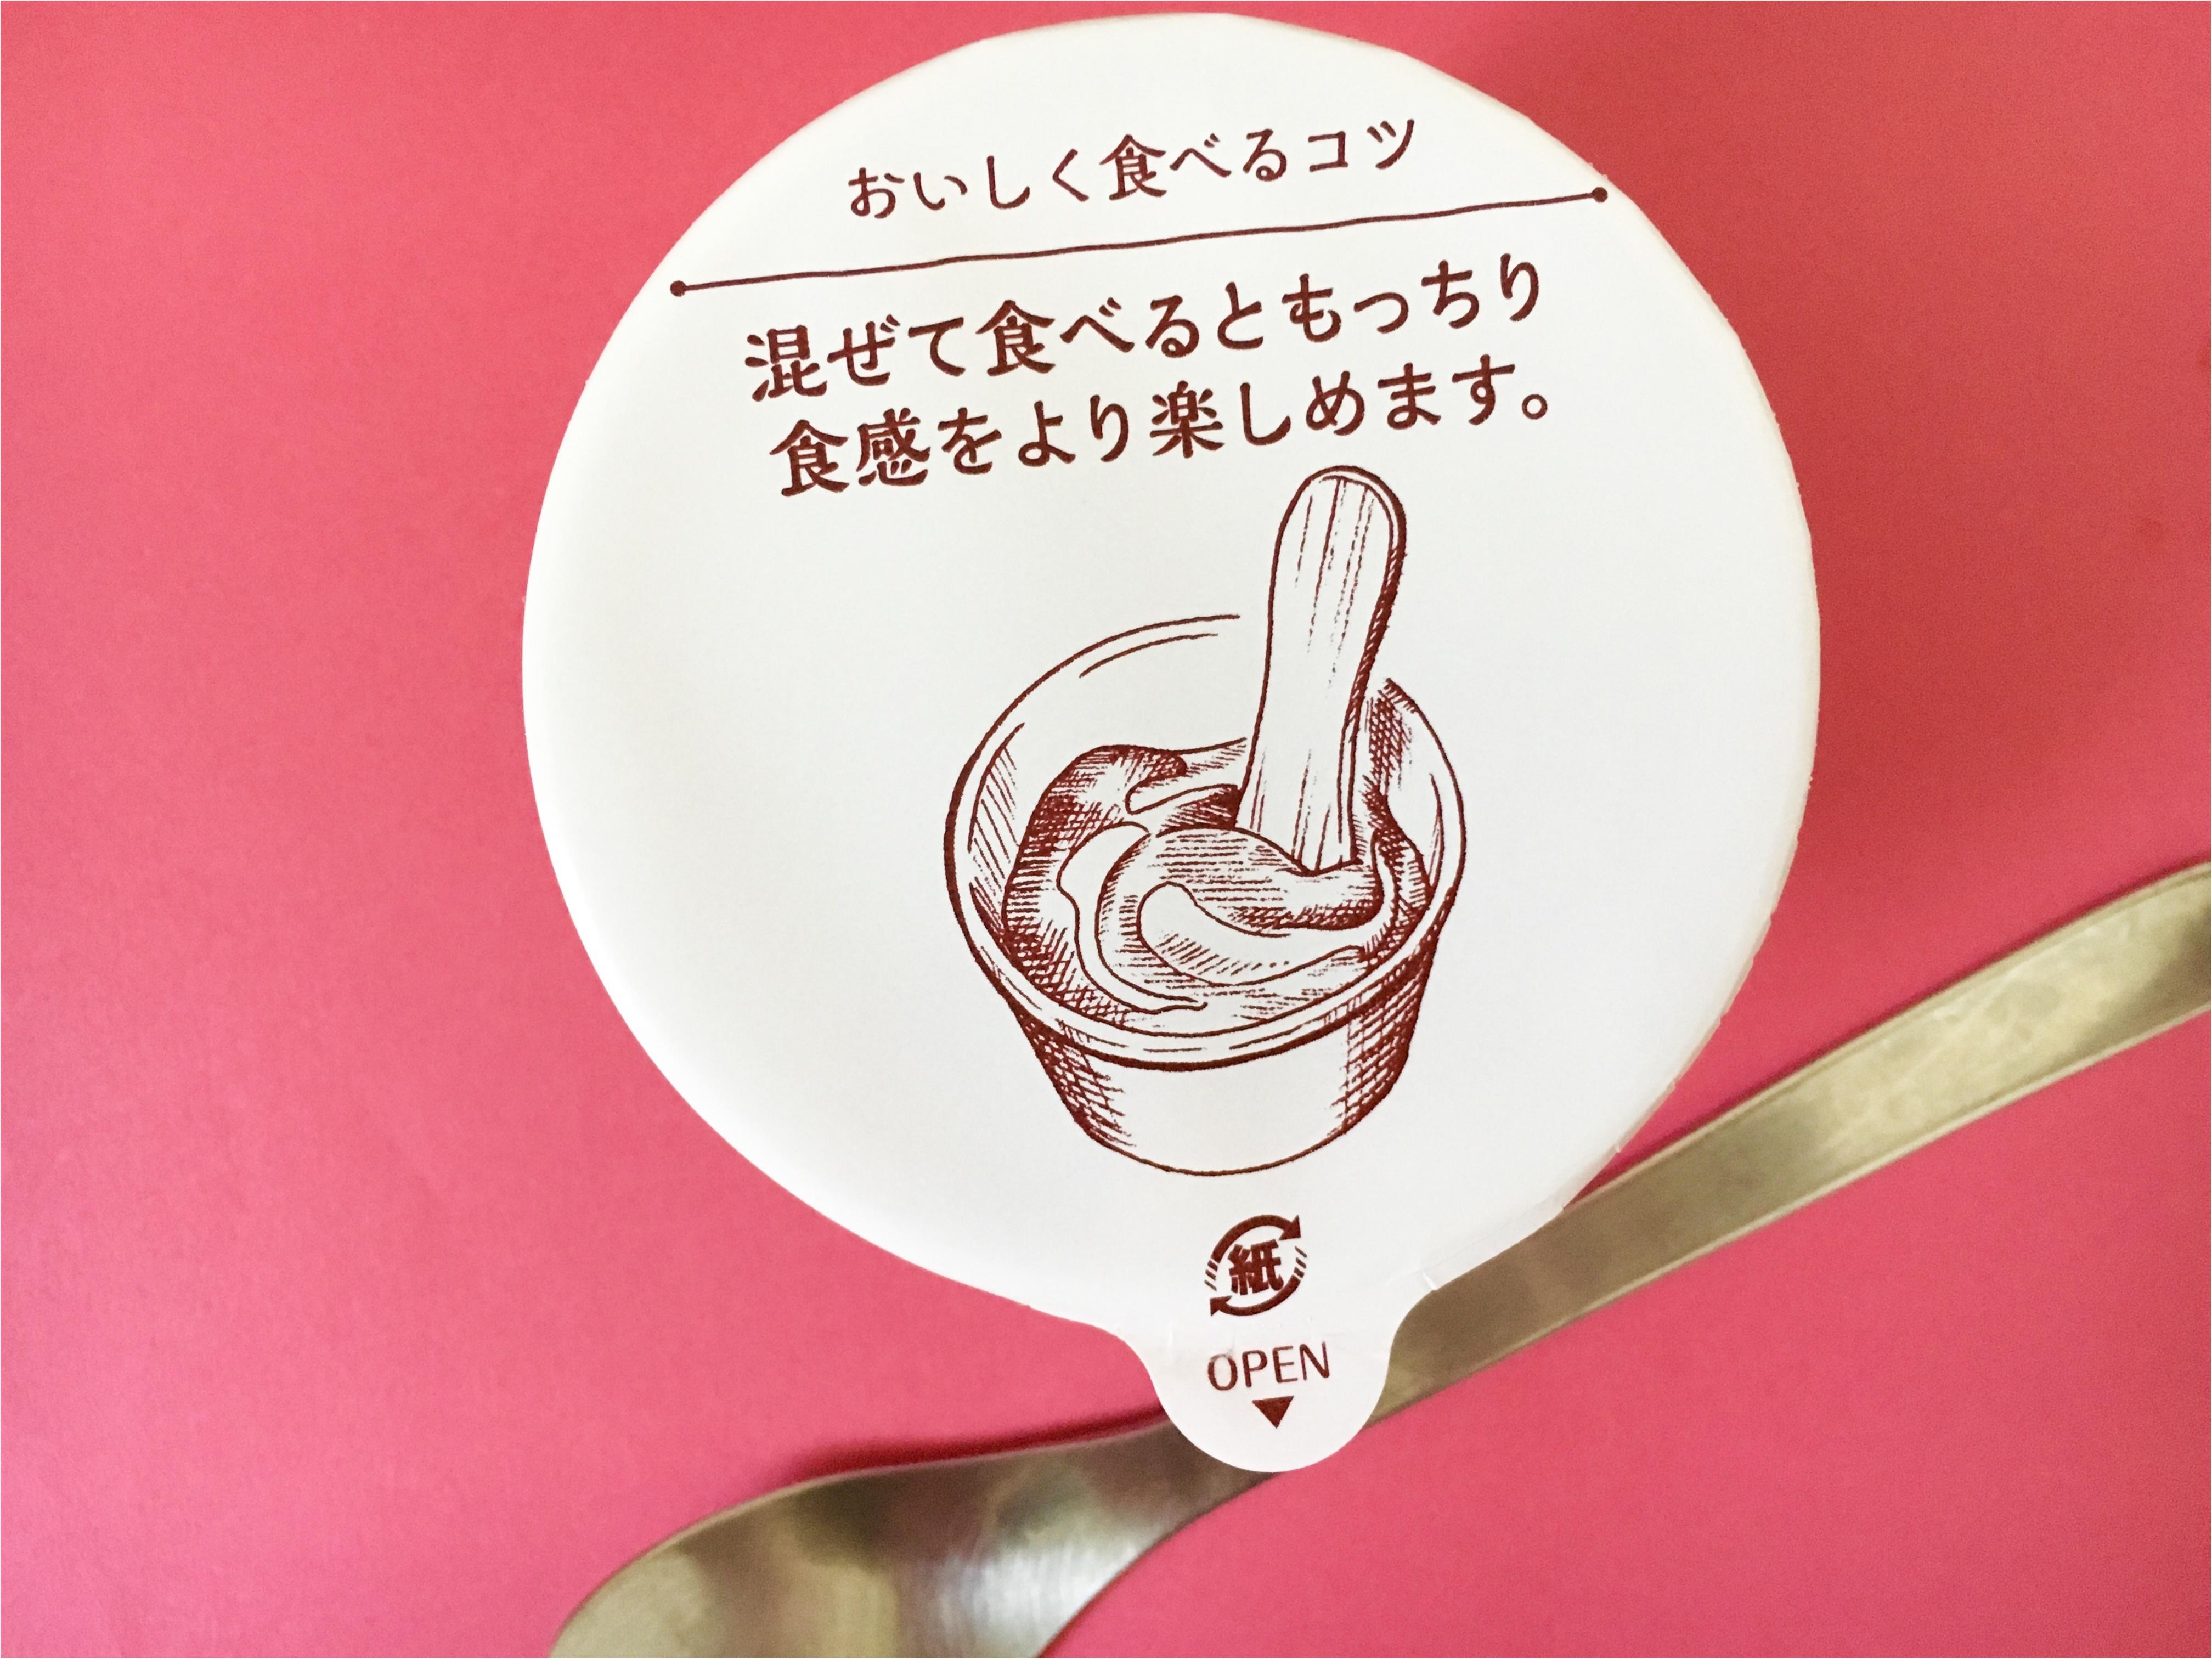 【セブンイレブン】もっちり新食感❤️今週発売の《新作アイス》が絶品!_1